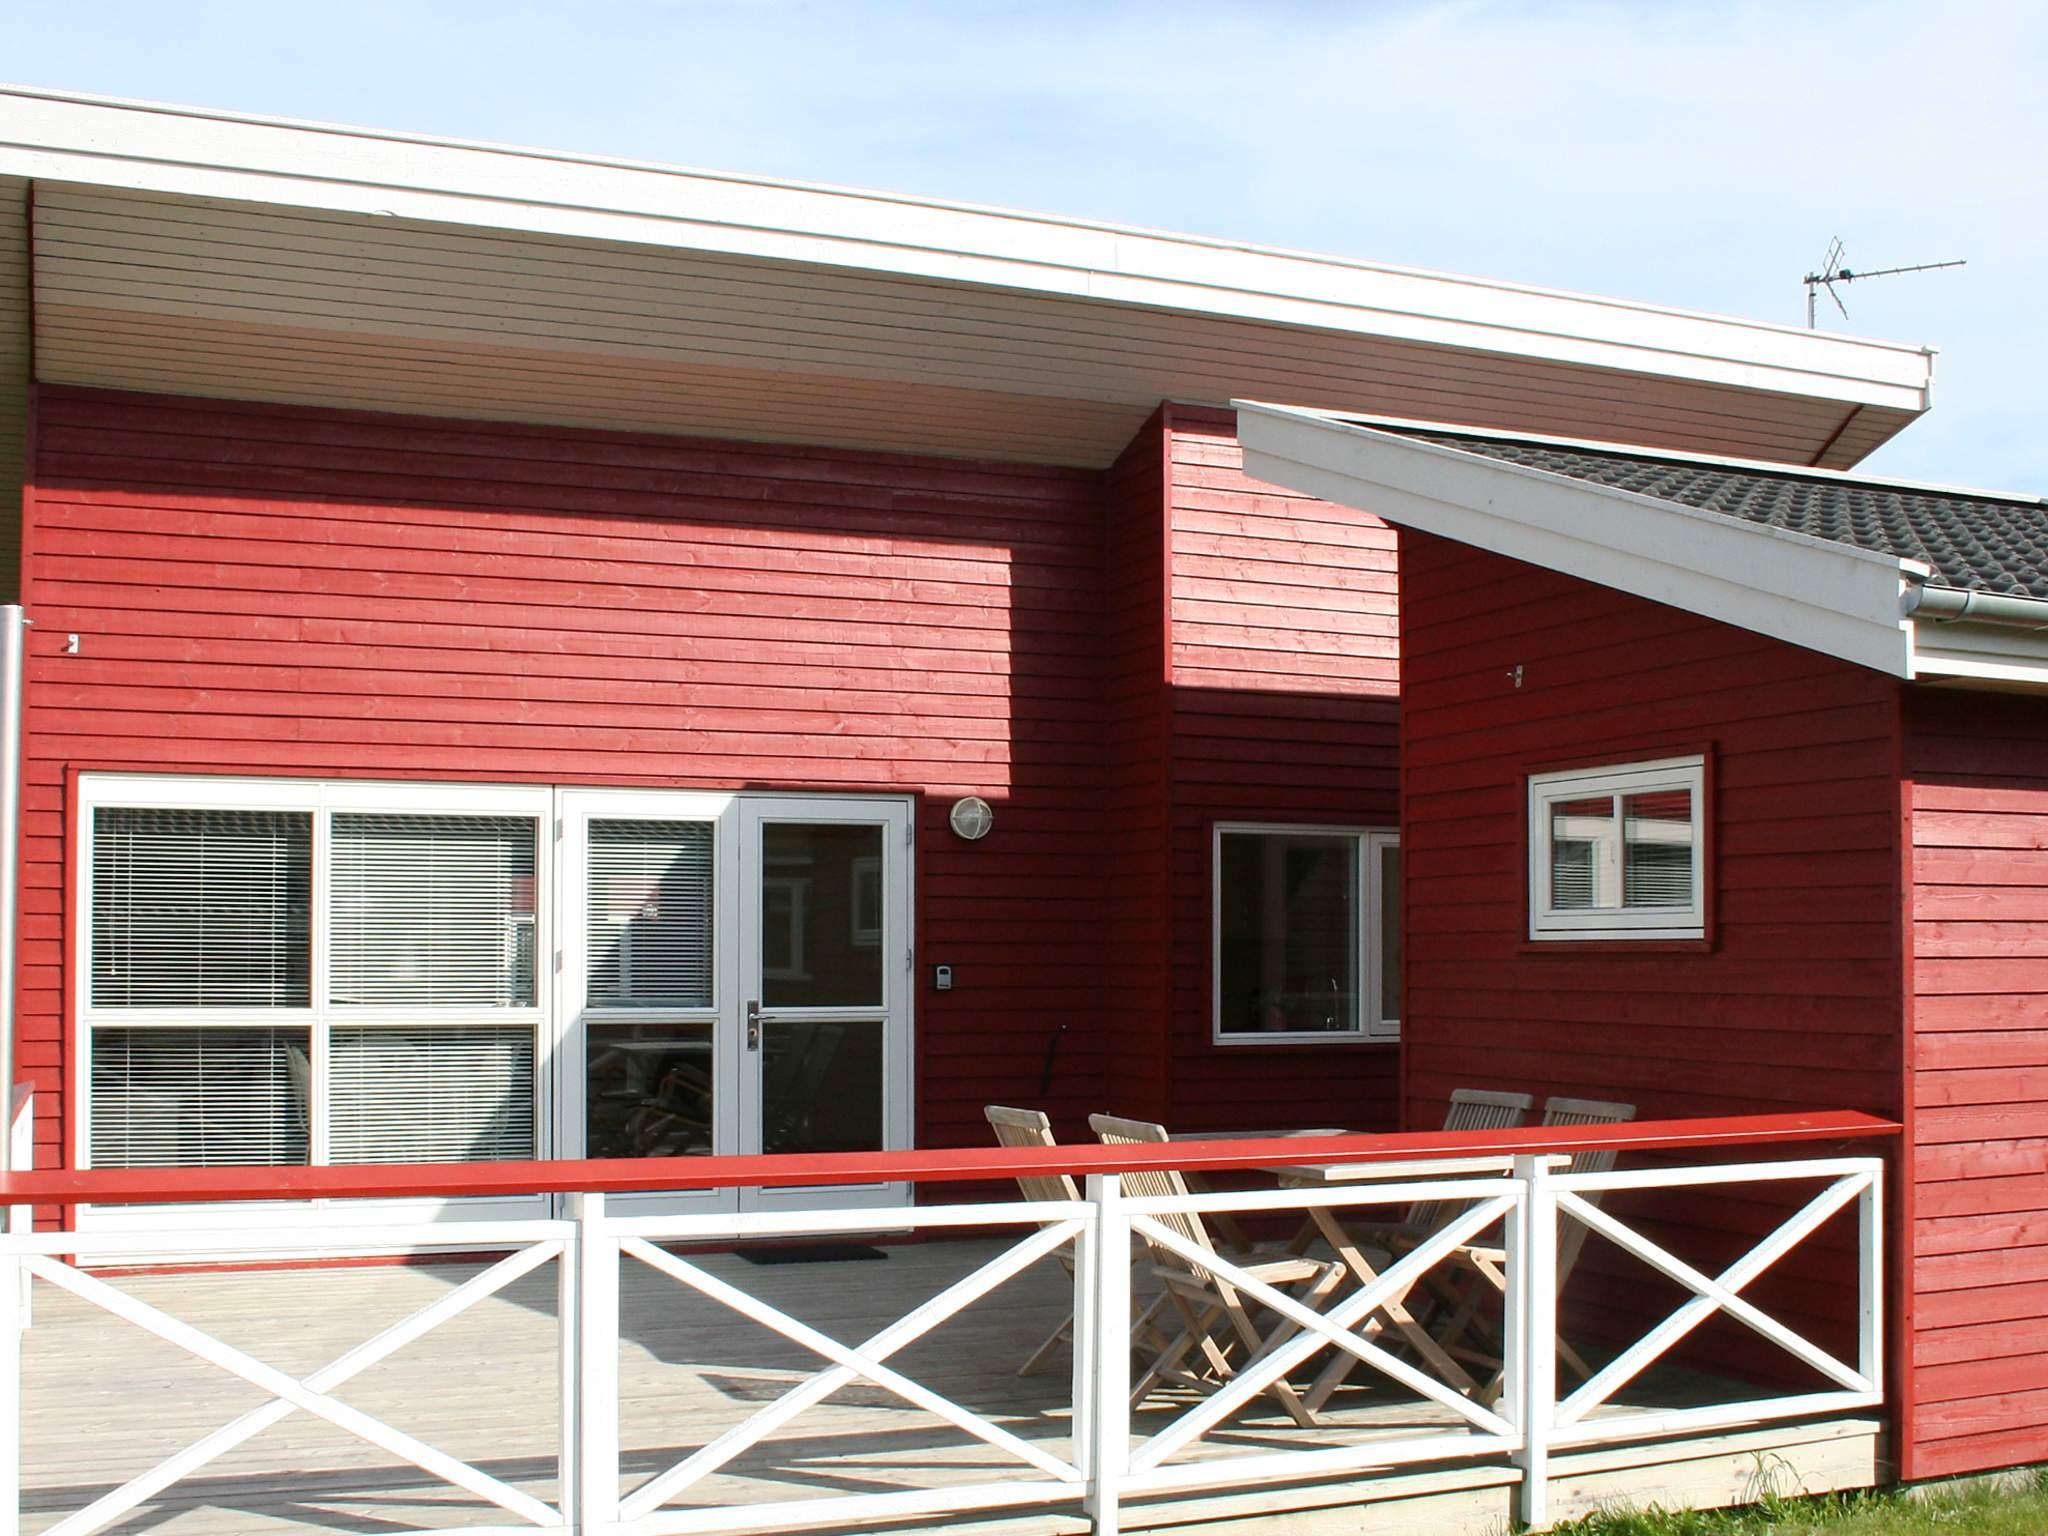 Ferienhaus Rø/Gudhjem (500241), Gudhjem, , Bornholm, Dänemark, Bild 11